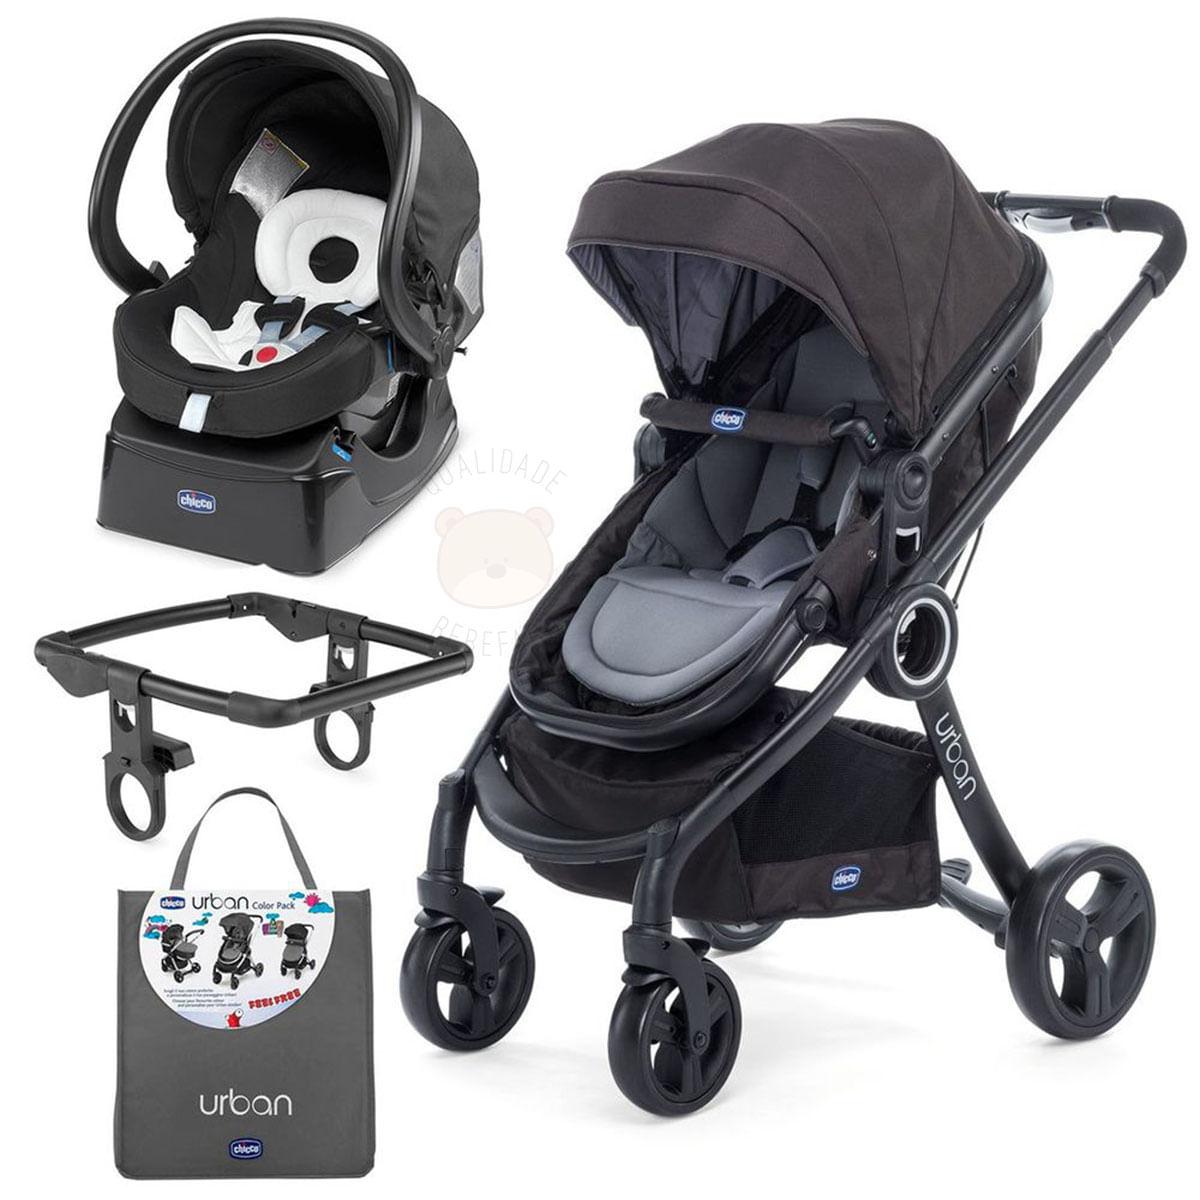 614f82a1e Urban Travel System: Carrinho Urban Plus + Color Pack + Adaptador + Bebê  Conforto Auto Fix Fast Chicco no Bebefacil - bebefacil